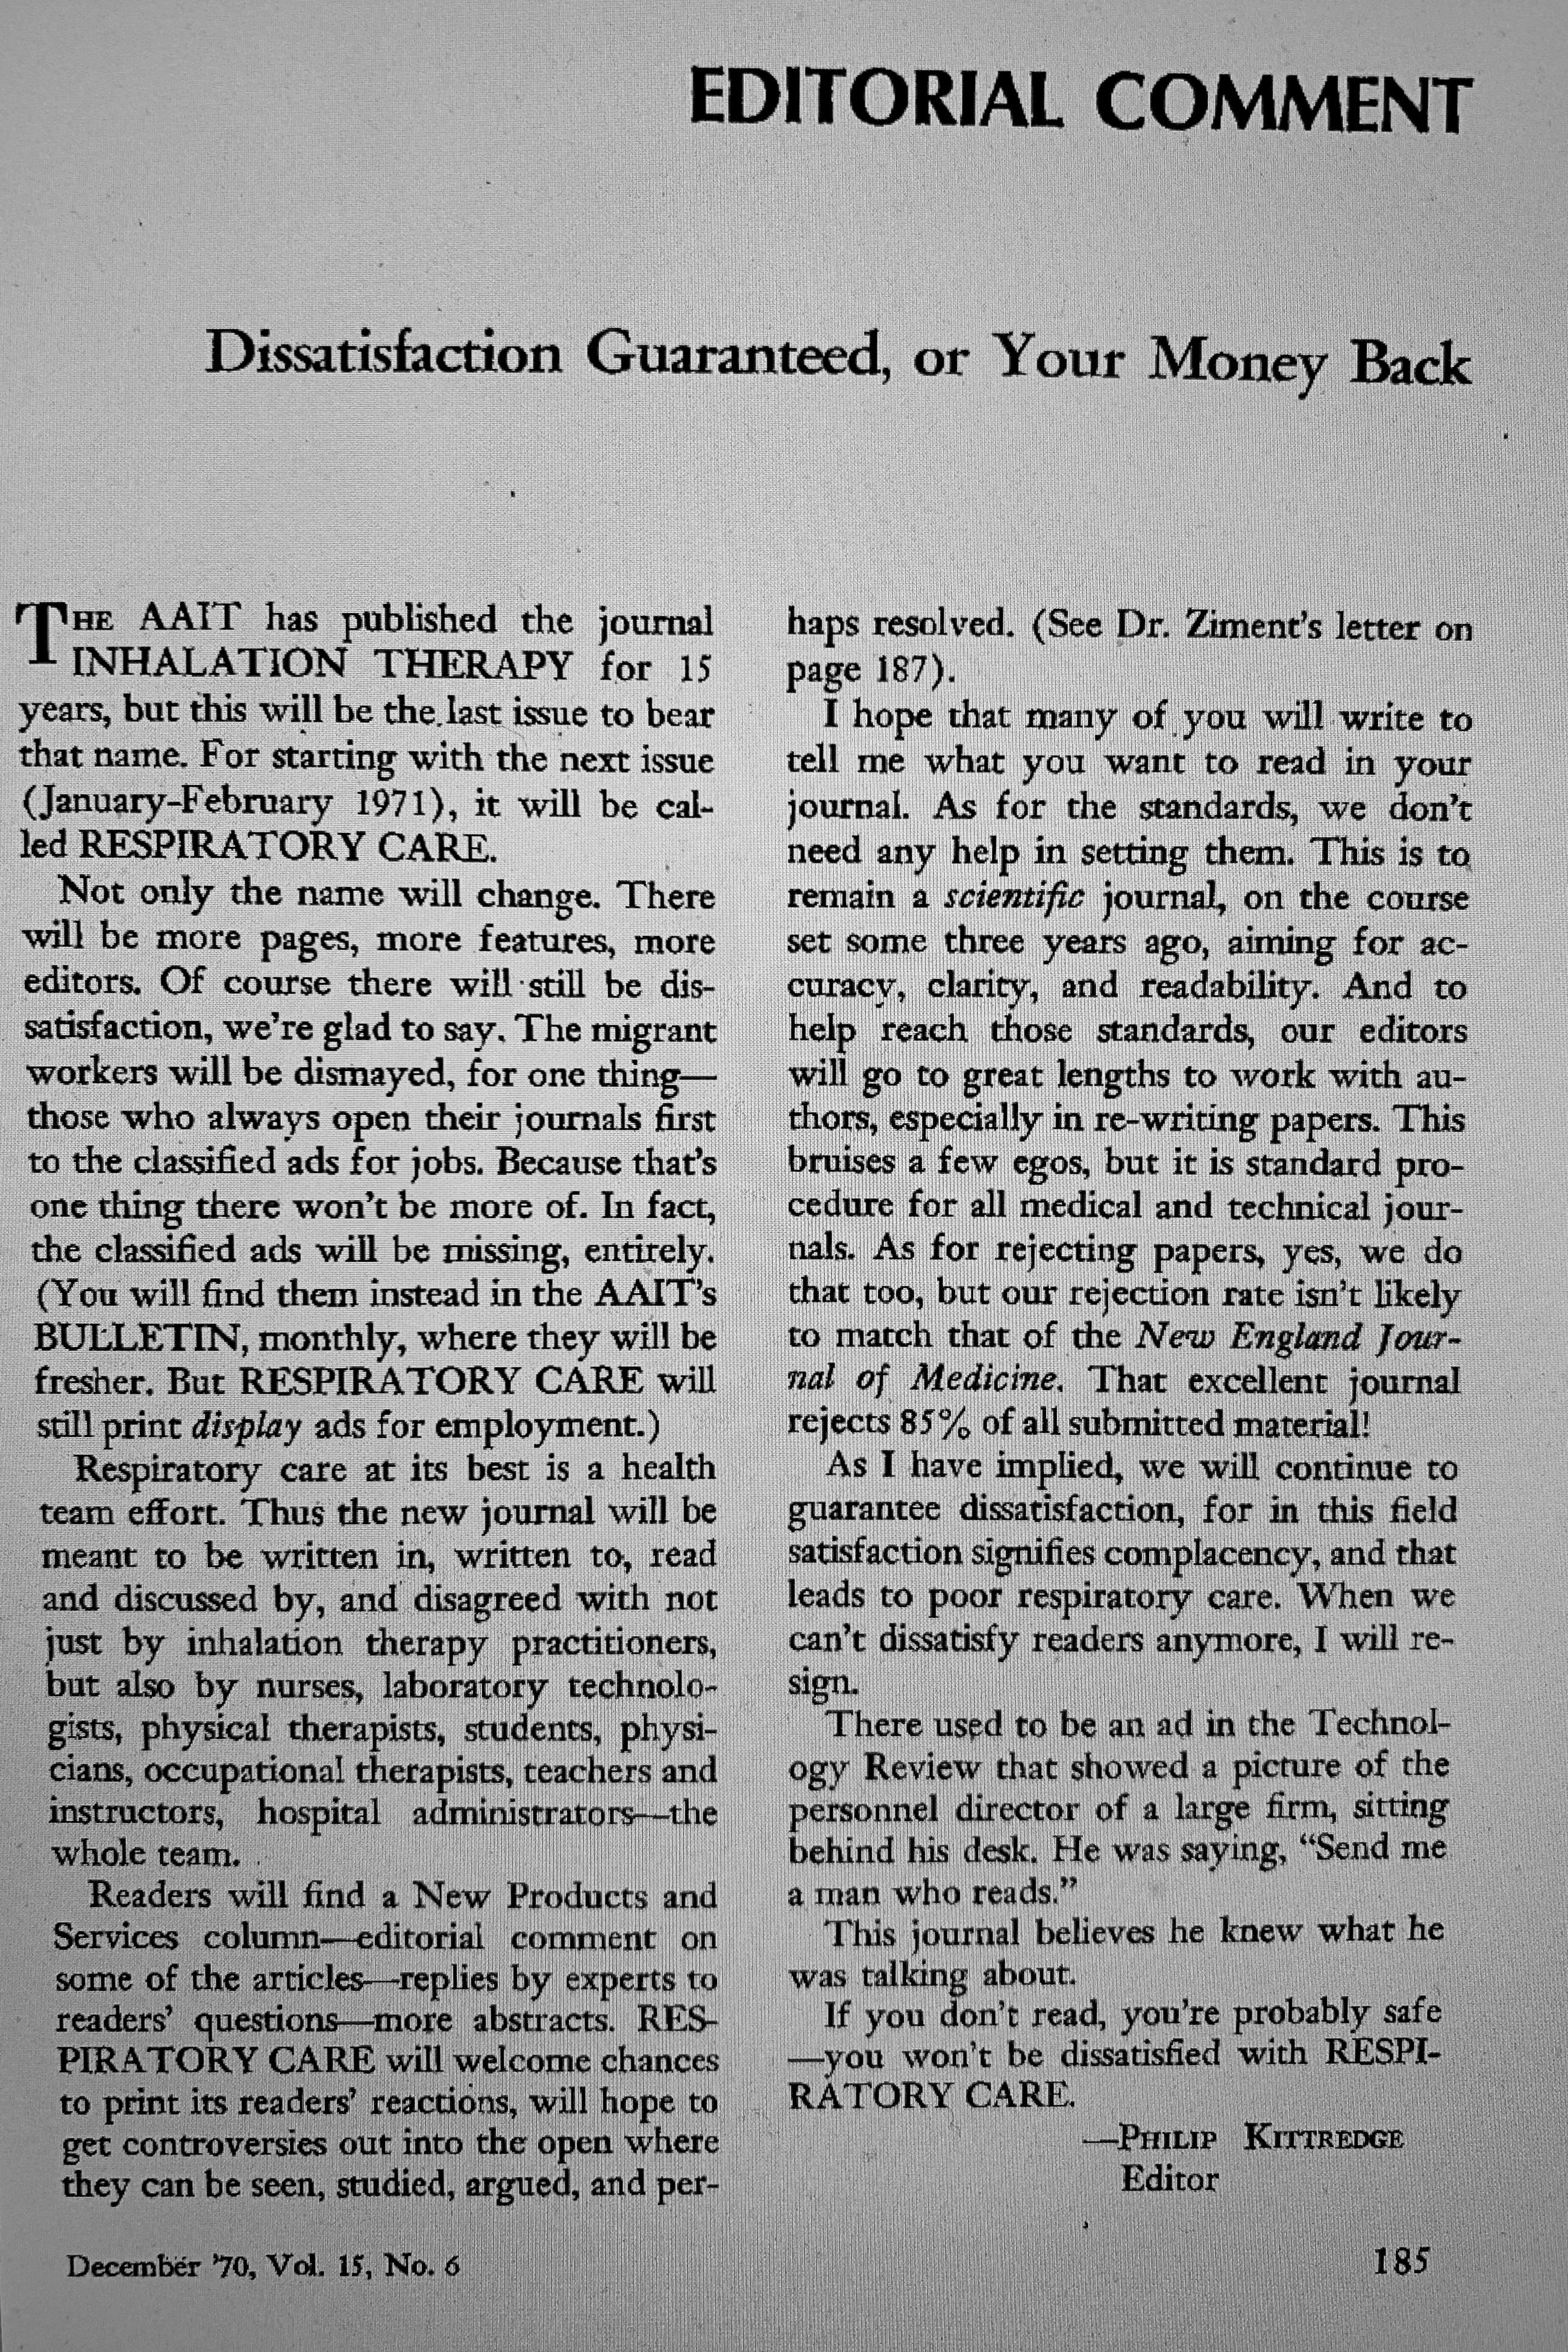 1971 Journal Renamed